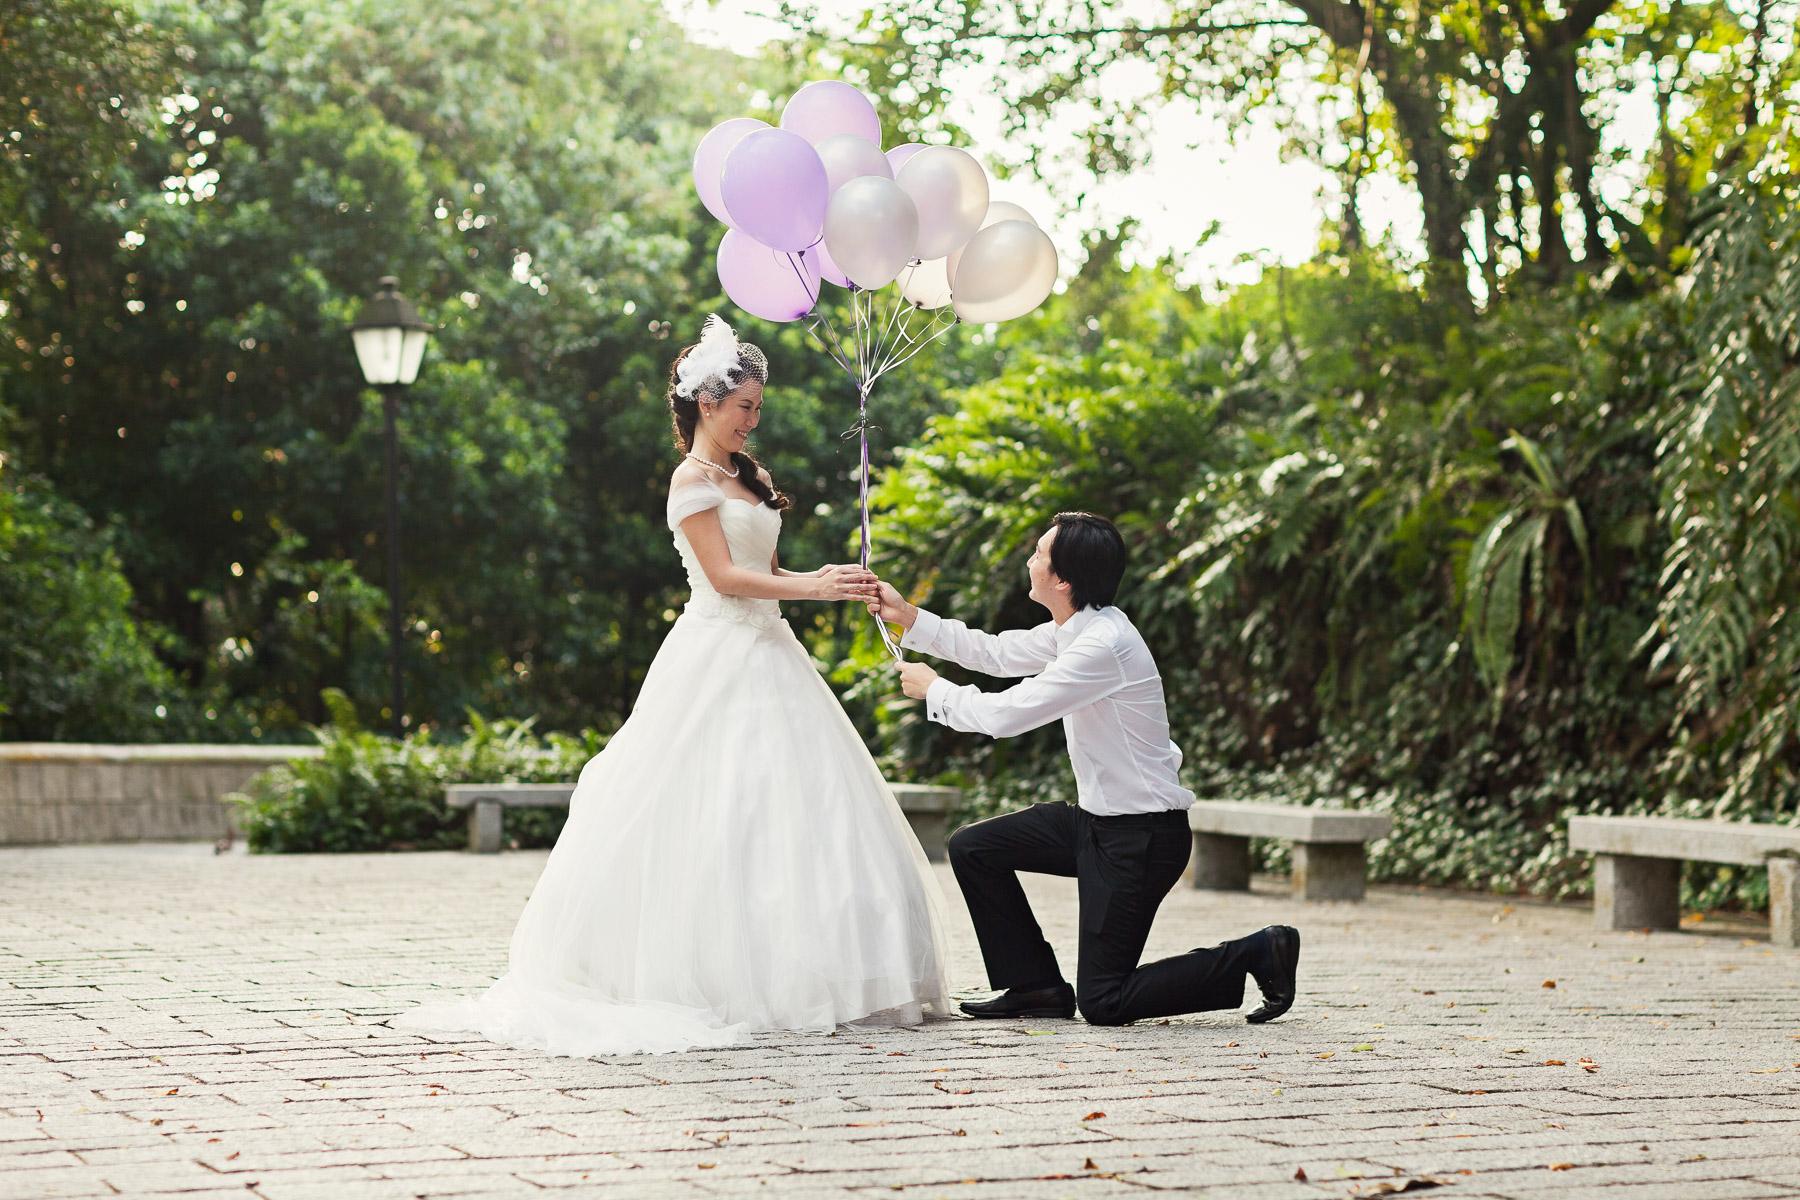 Ting & Ek's Bridal Portraits Singapore 17.jpg